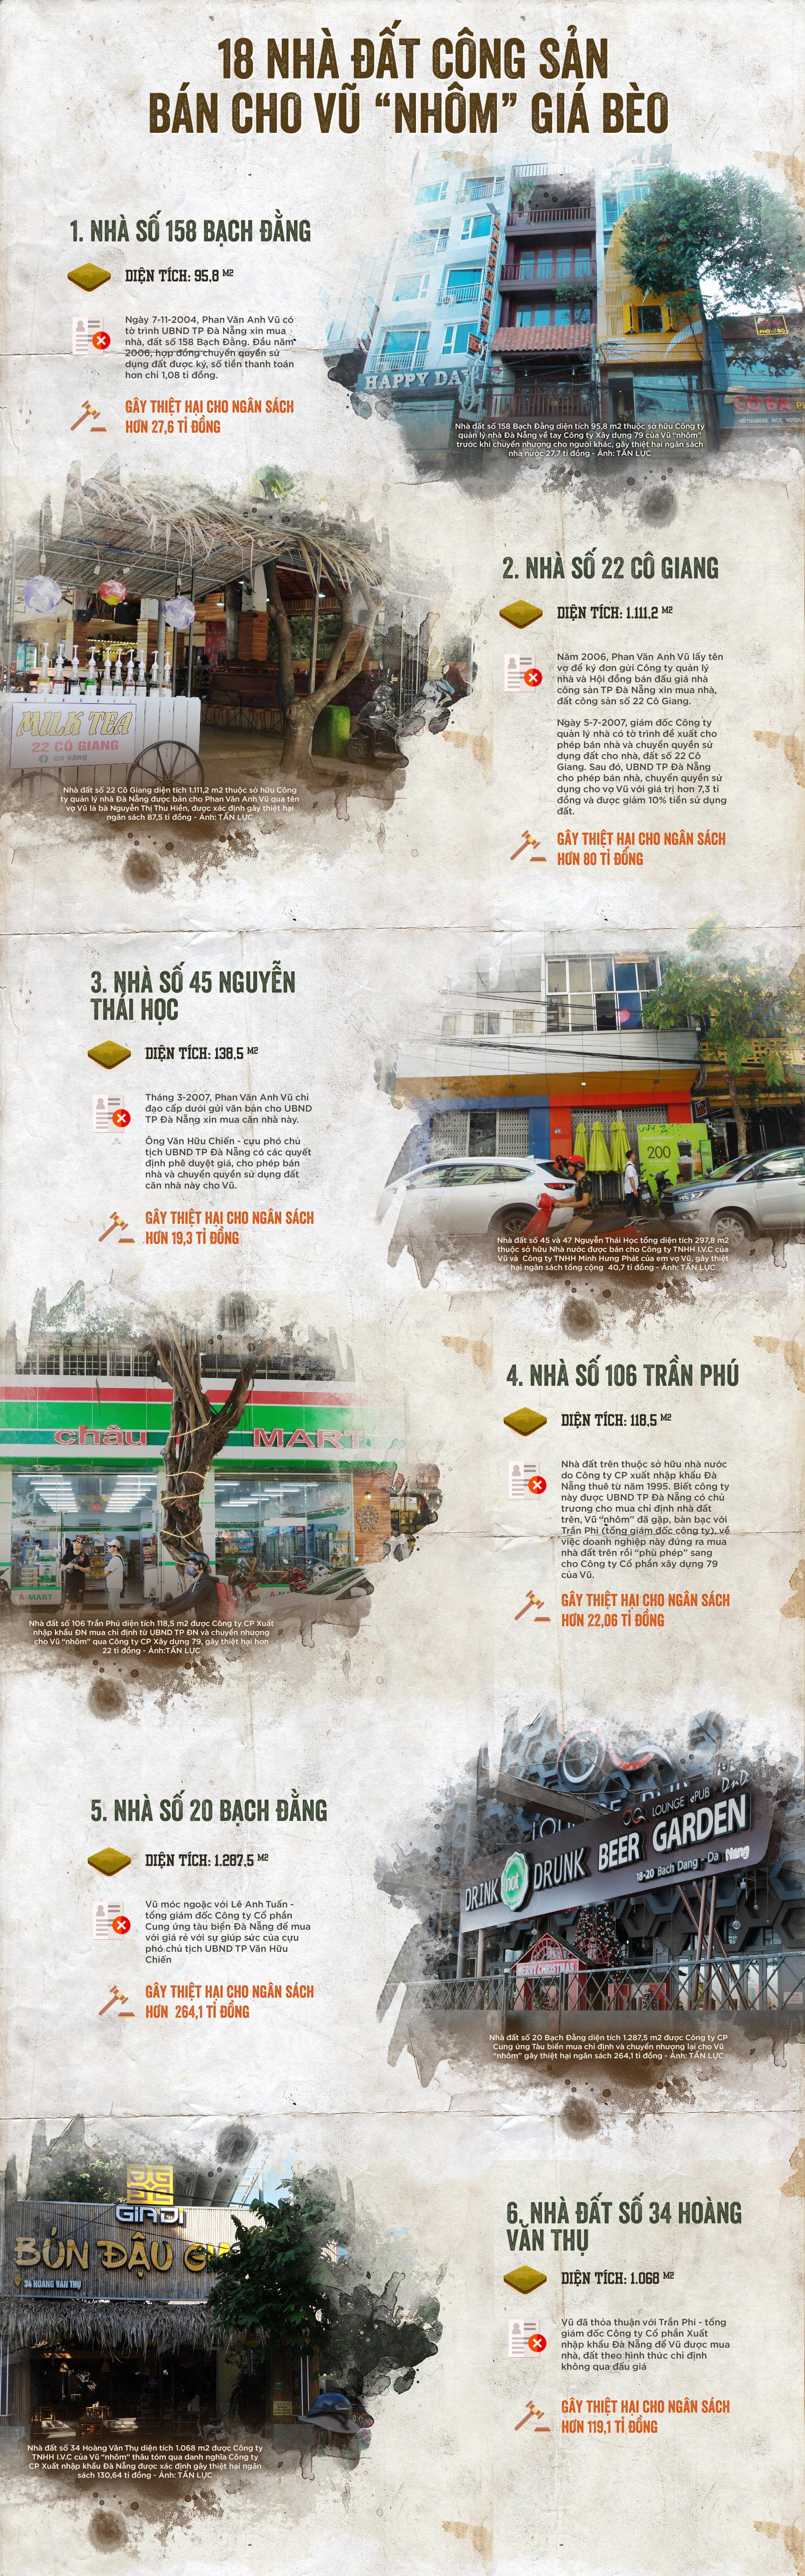 Vũ nhôm thâu tóm bao nhiêu dự án, nhà đất công sản tại Đà Nẵng? - Ảnh 3.